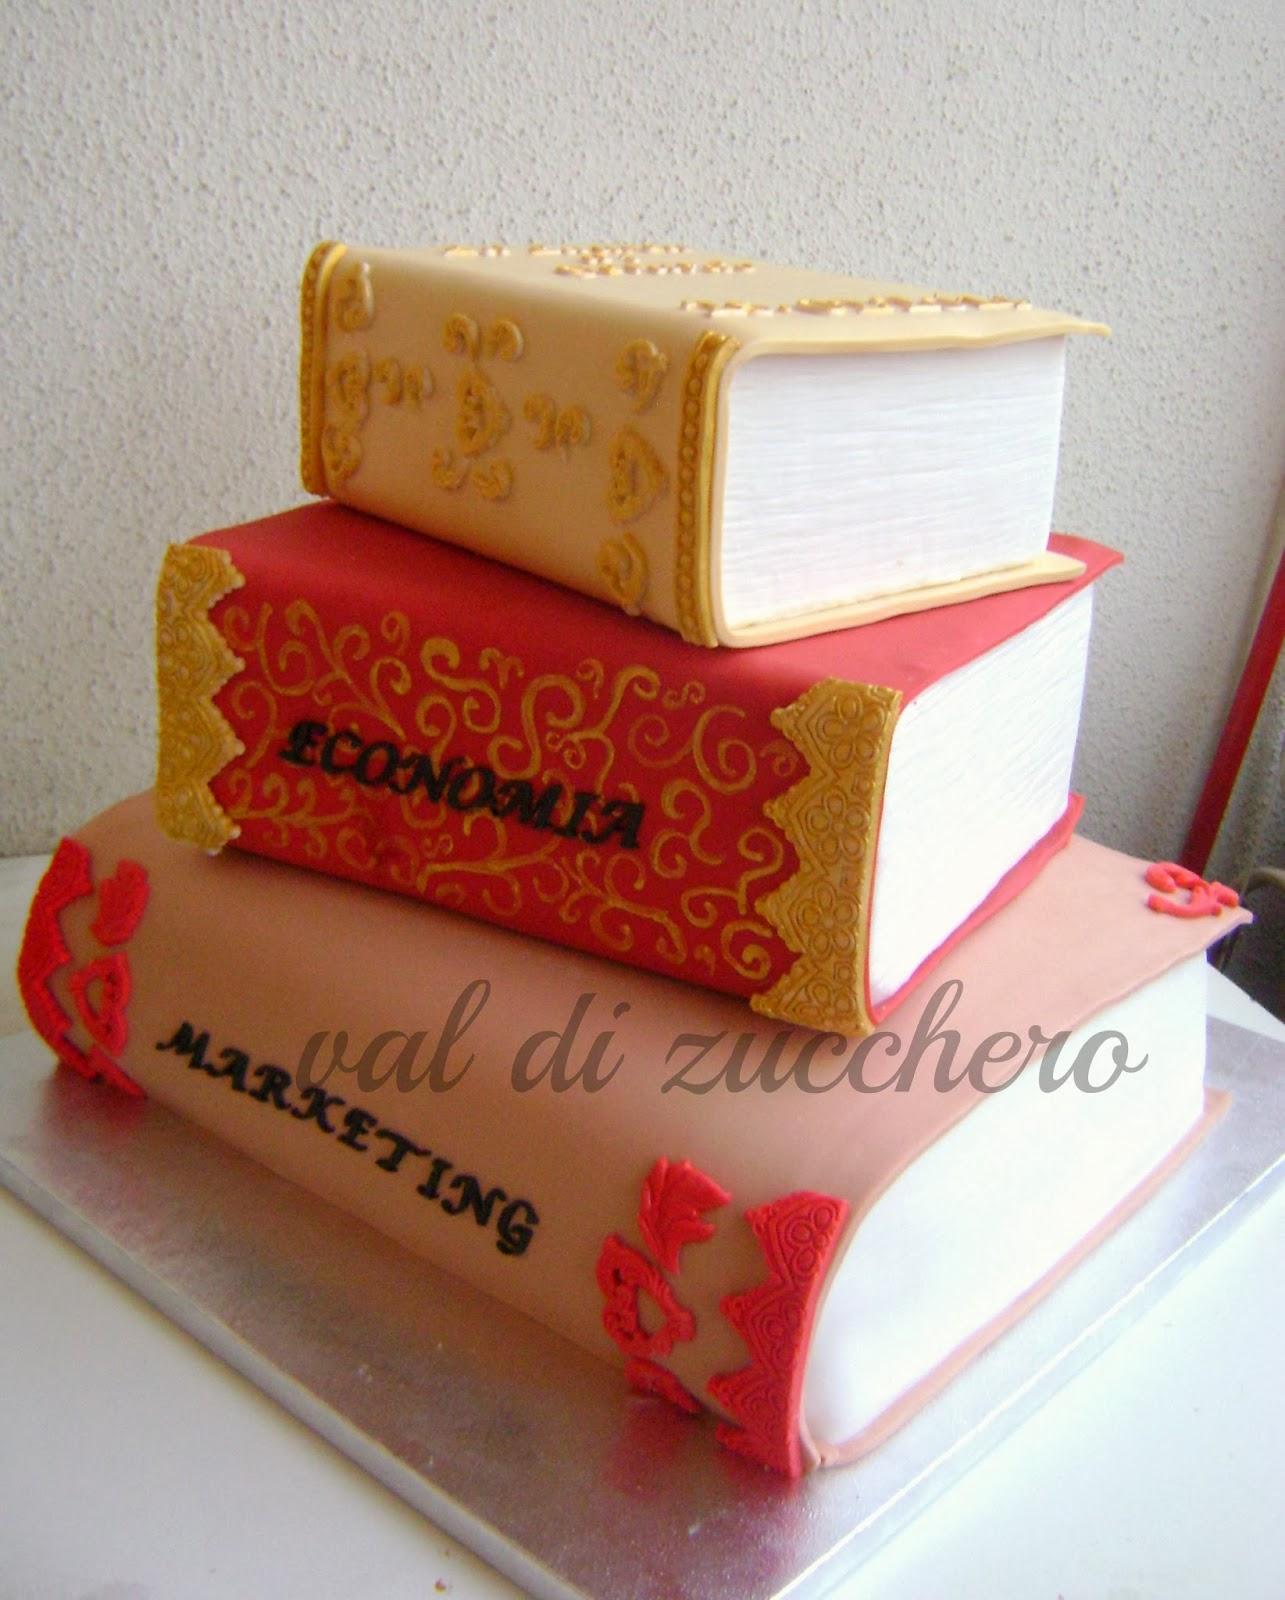 Corsi Di Cake Design Con Renato Ardovino : Val di zucchero: I libri... per una Laurea e Rapunzel!